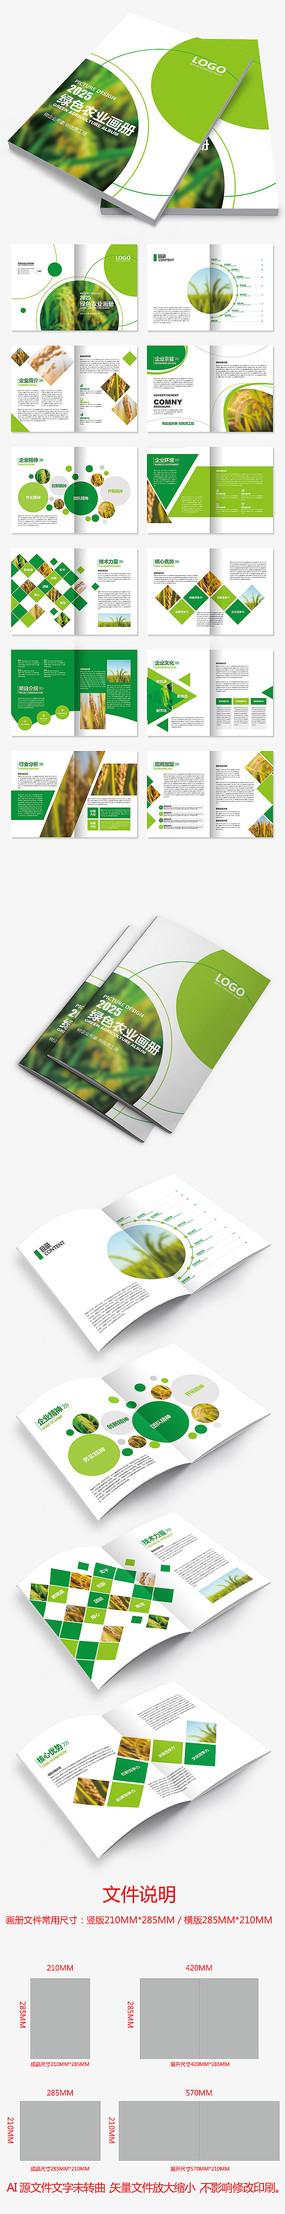 农业农产品绿色清新健康环保画册